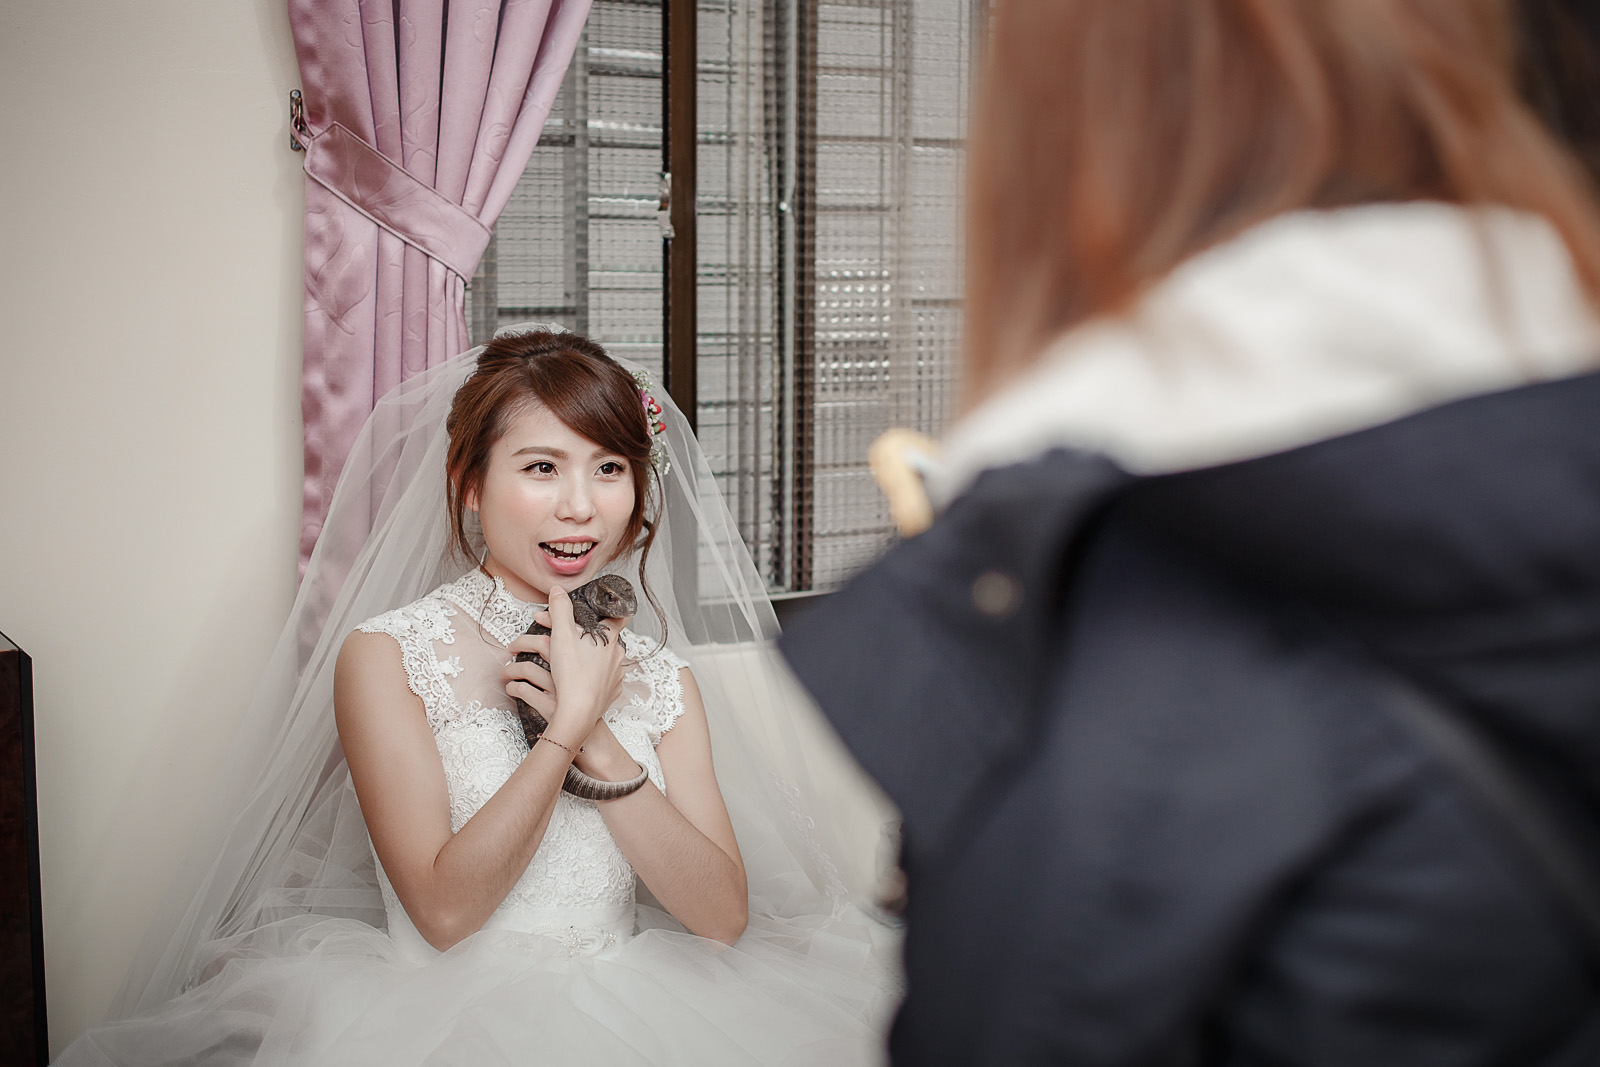 高雄圓山飯店,婚禮攝影,婚攝,高雄婚攝,優質婚攝推薦,Jen&Ethan-189